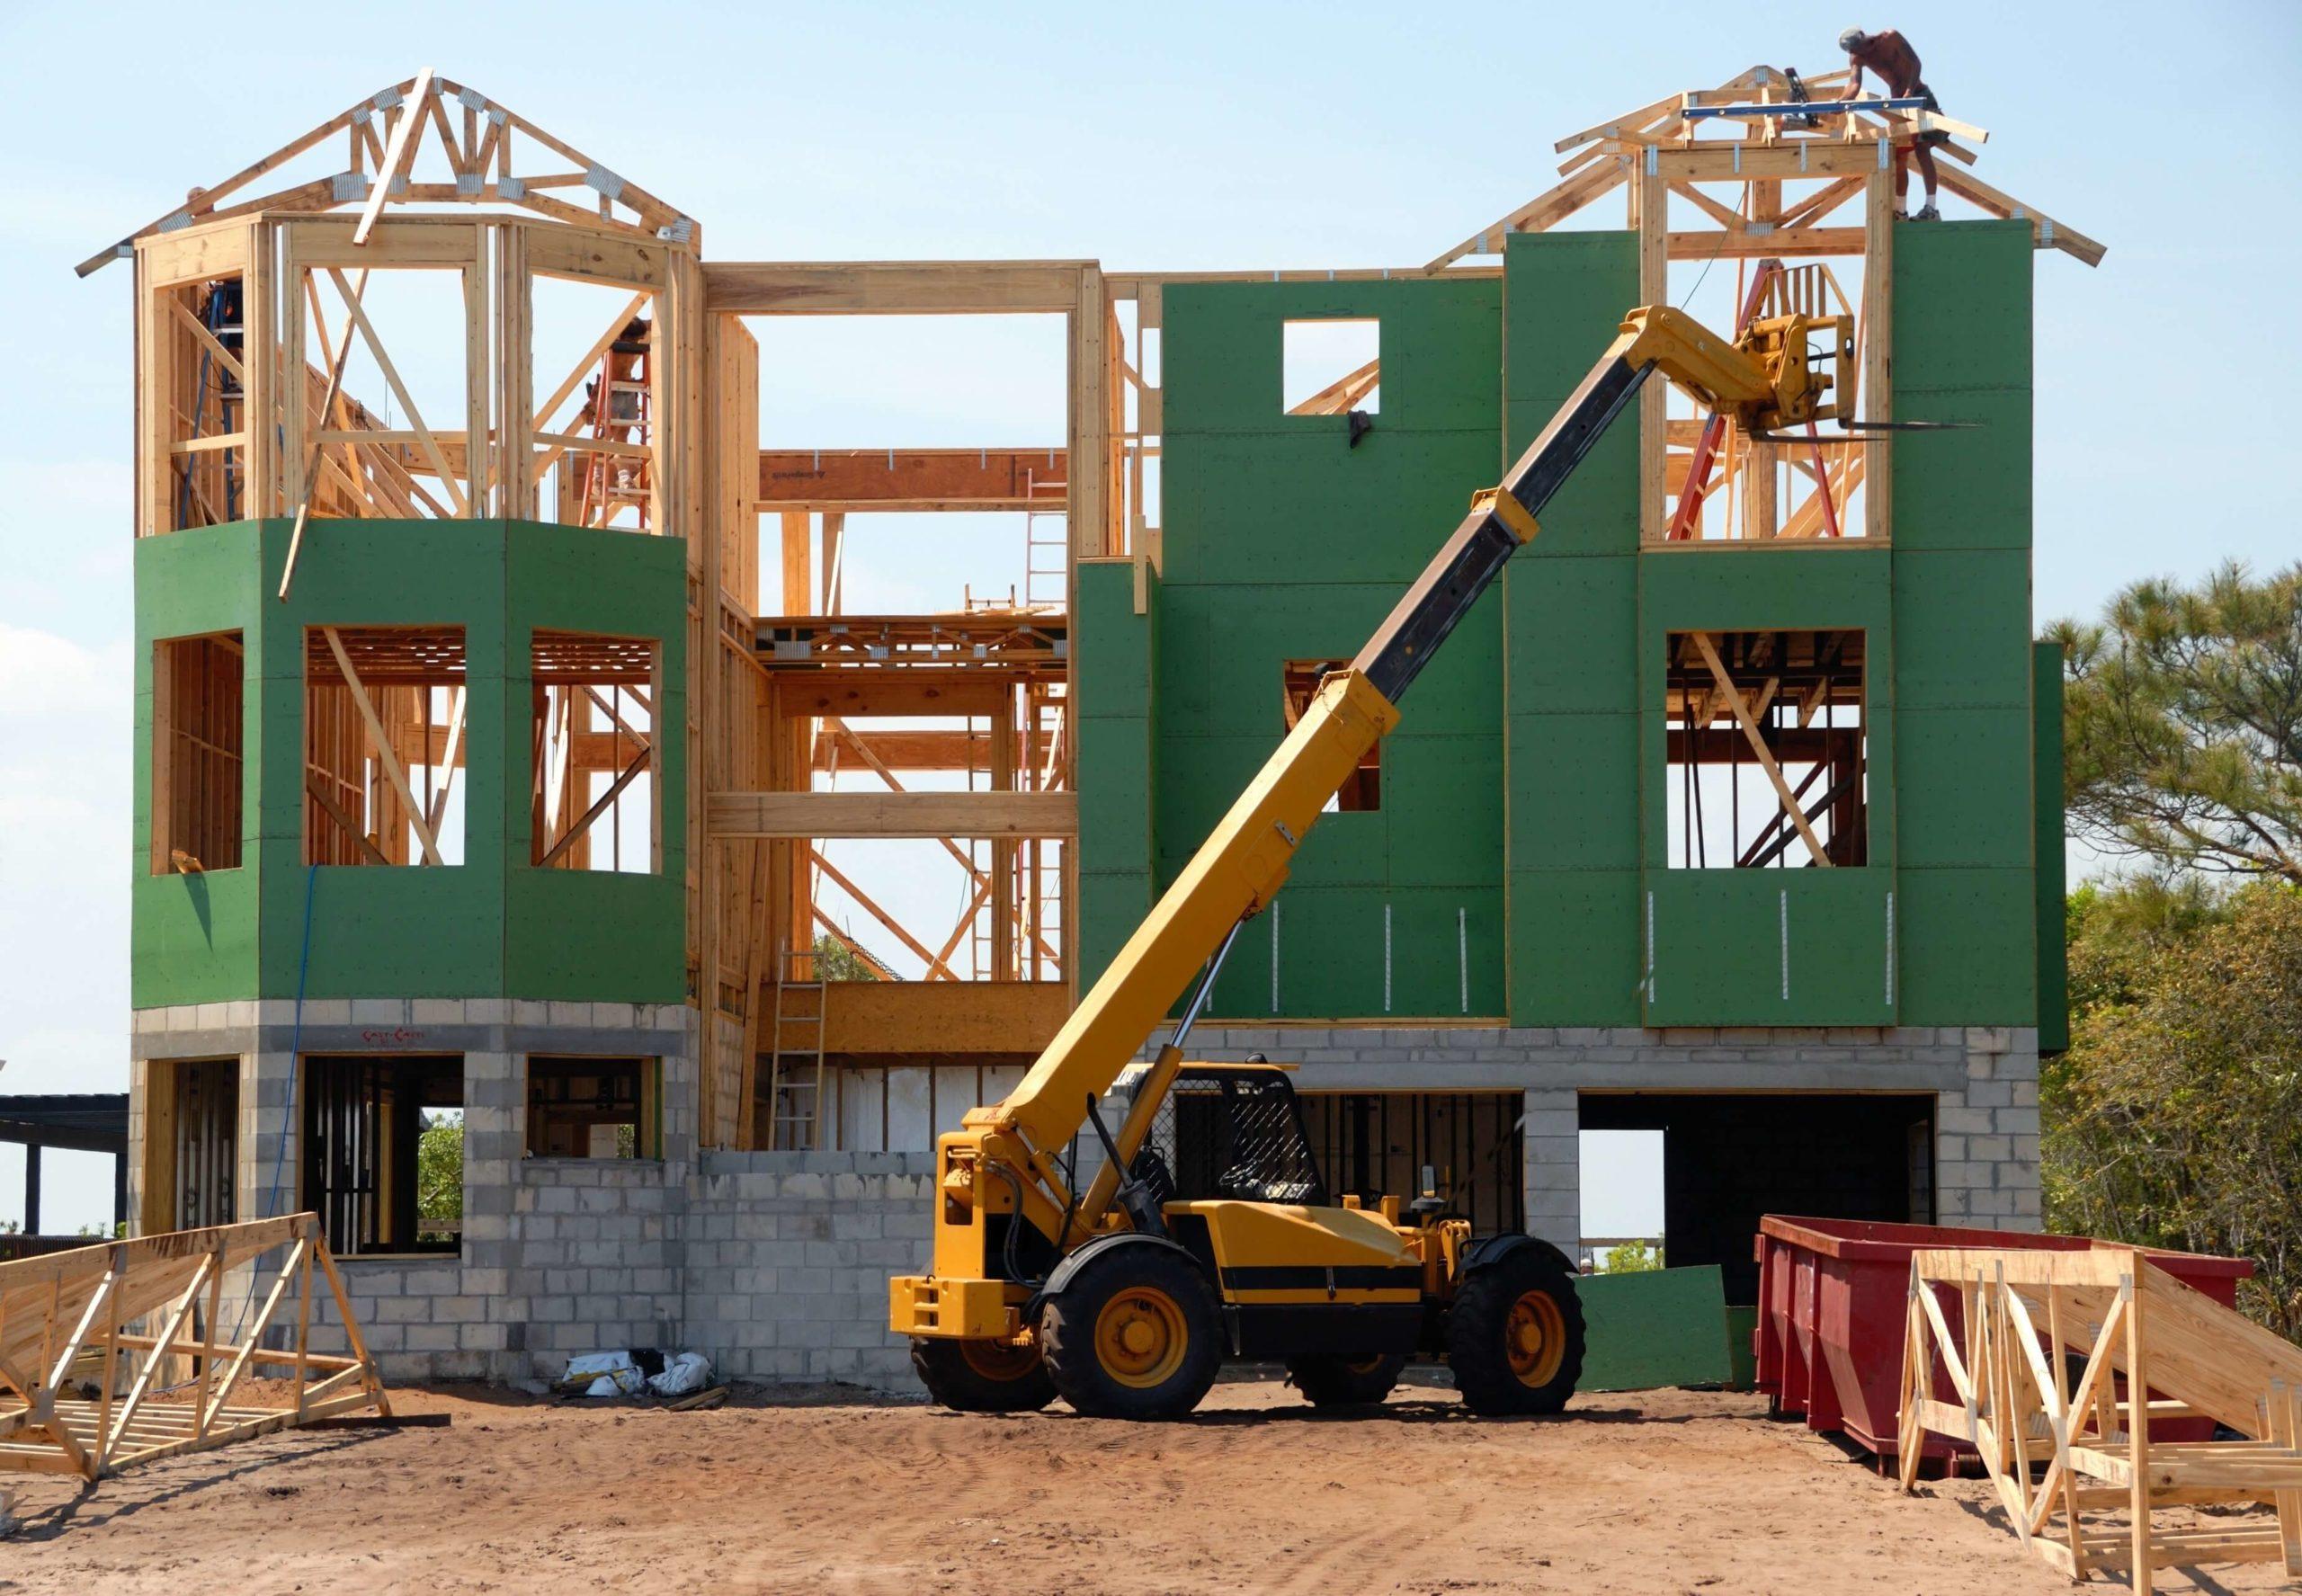 80% der neuen Immobilienprojekte in Marbella werden vor Fertigstellung verkauft.